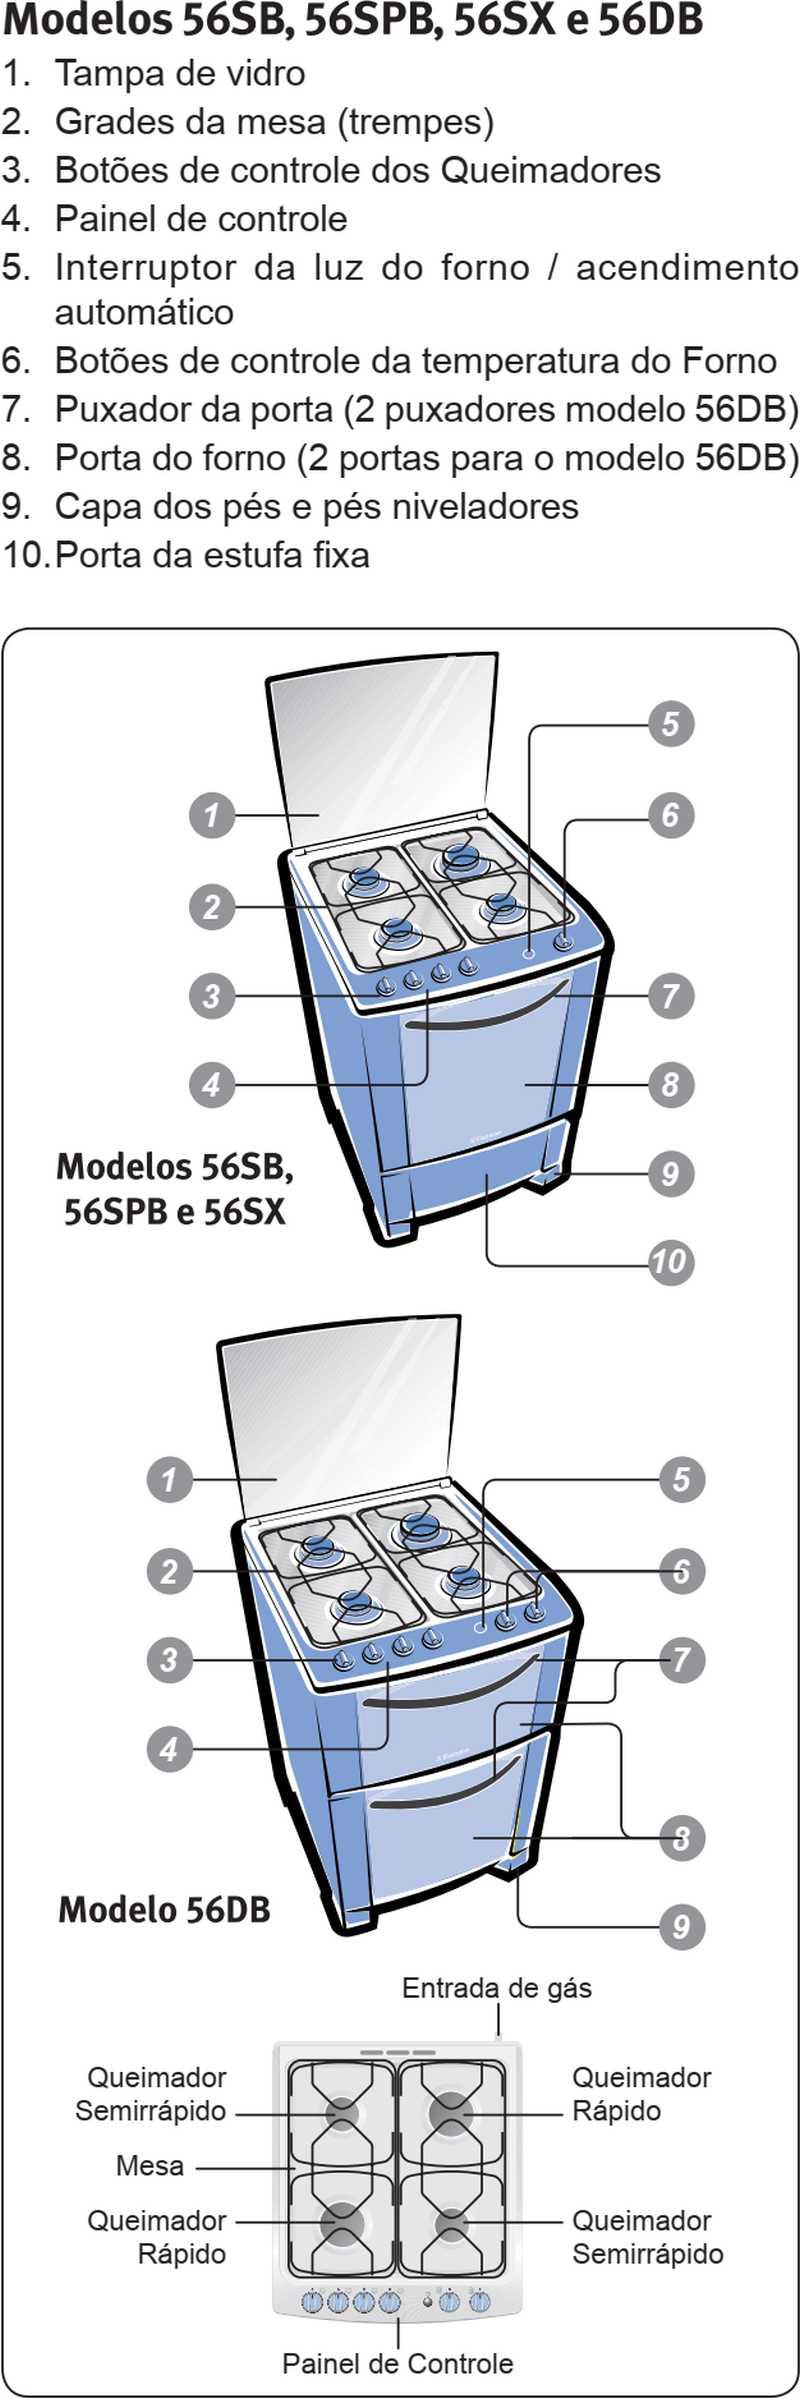 Fogão a gás Electrolux - conhecendo os componentes do 56SB